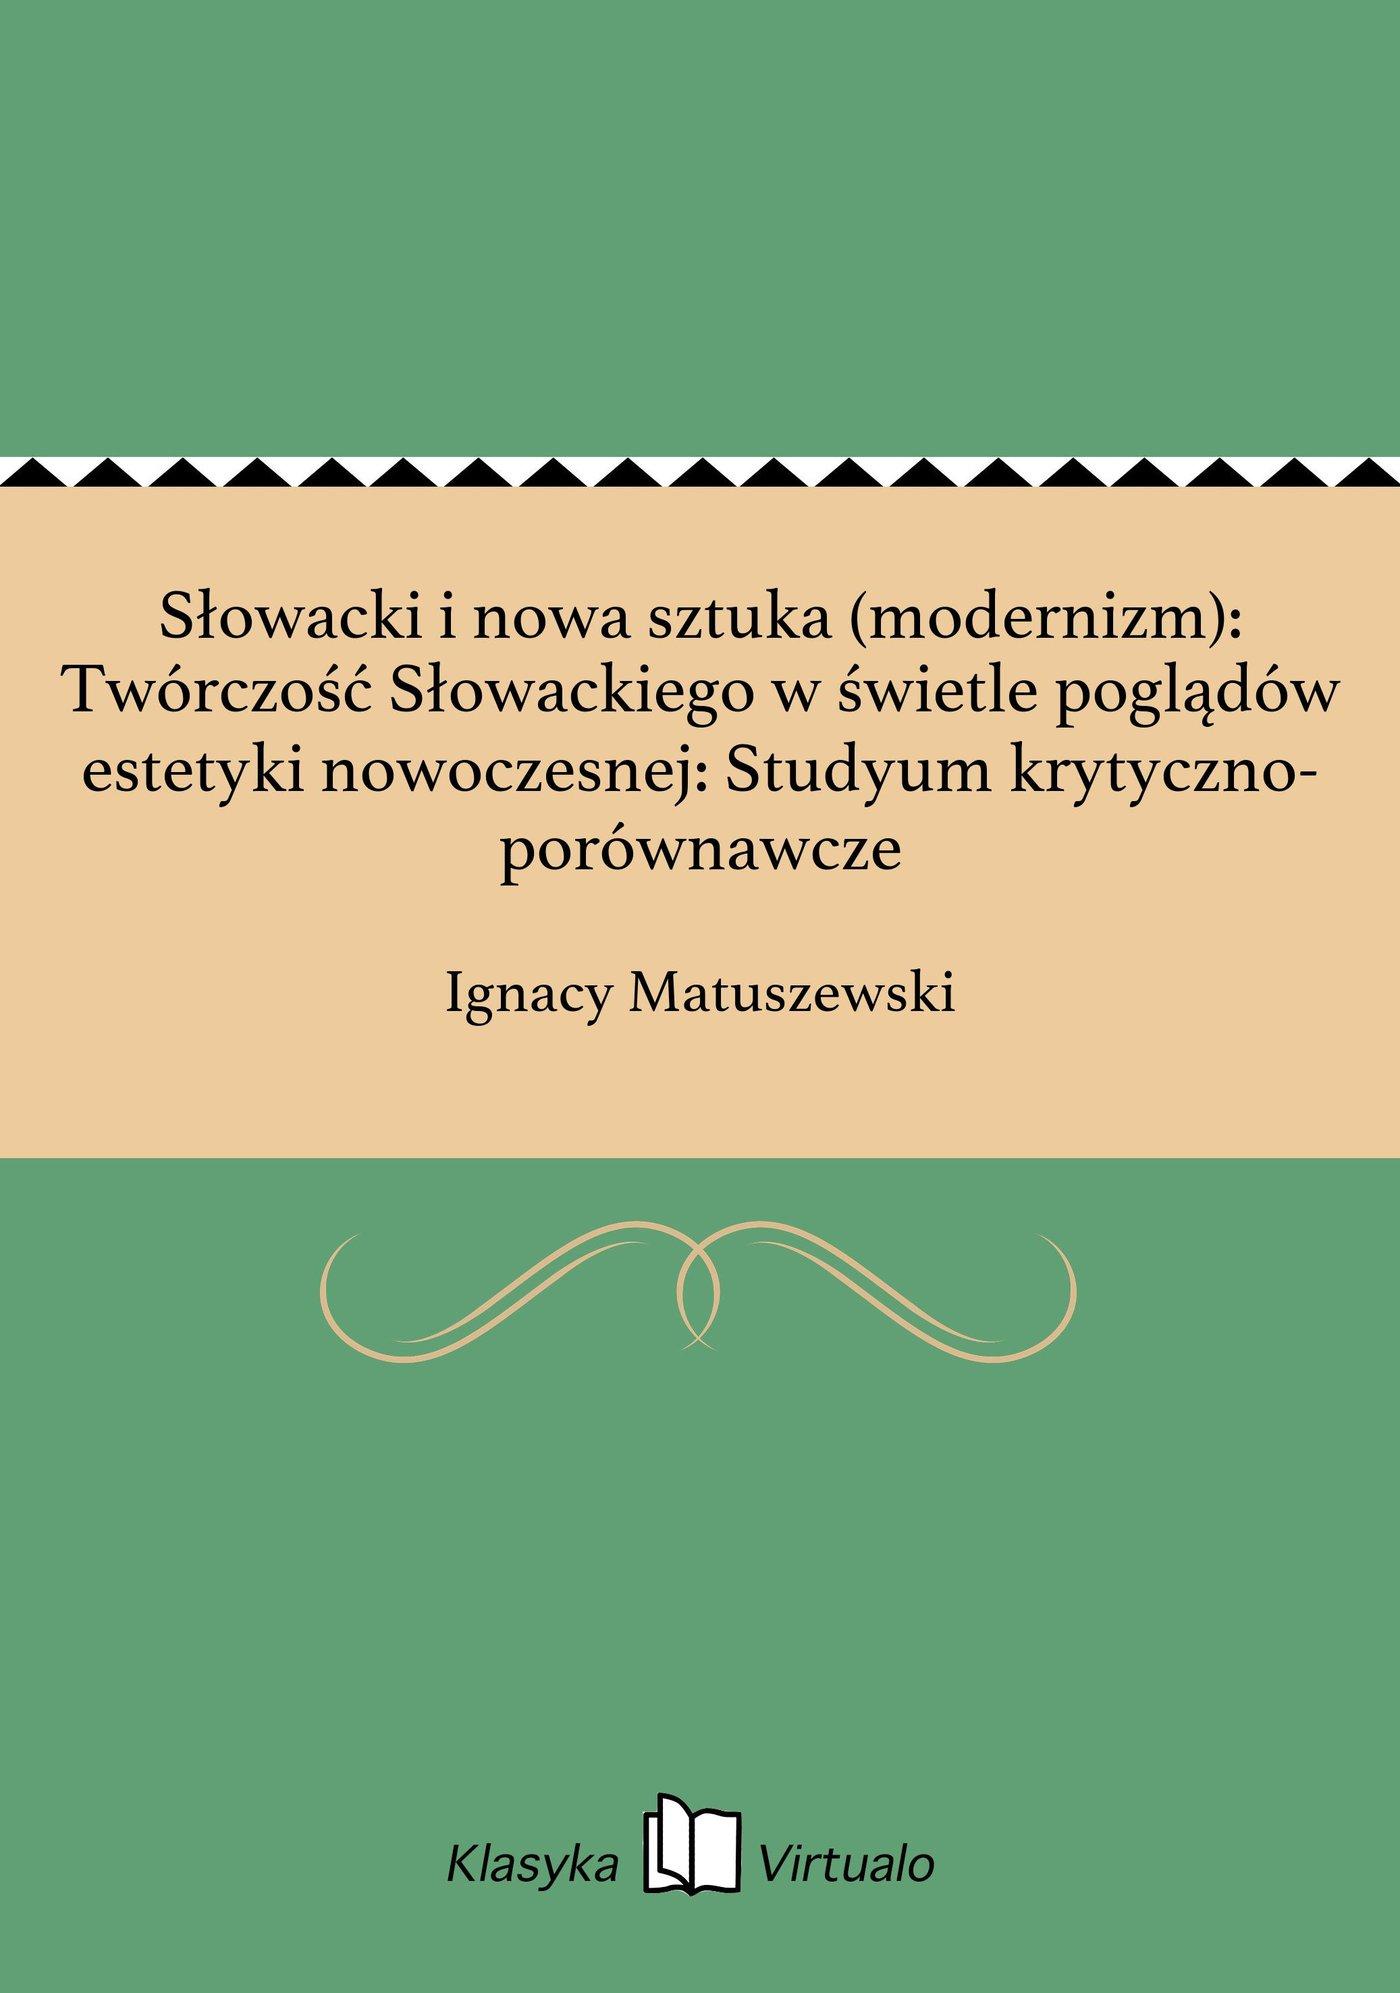 Słowacki i nowa sztuka (modernizm): Twórczość Słowackiego w świetle poglądów estetyki nowoczesnej: Studyum krytyczno-porównawcze - Ebook (Książka EPUB) do pobrania w formacie EPUB